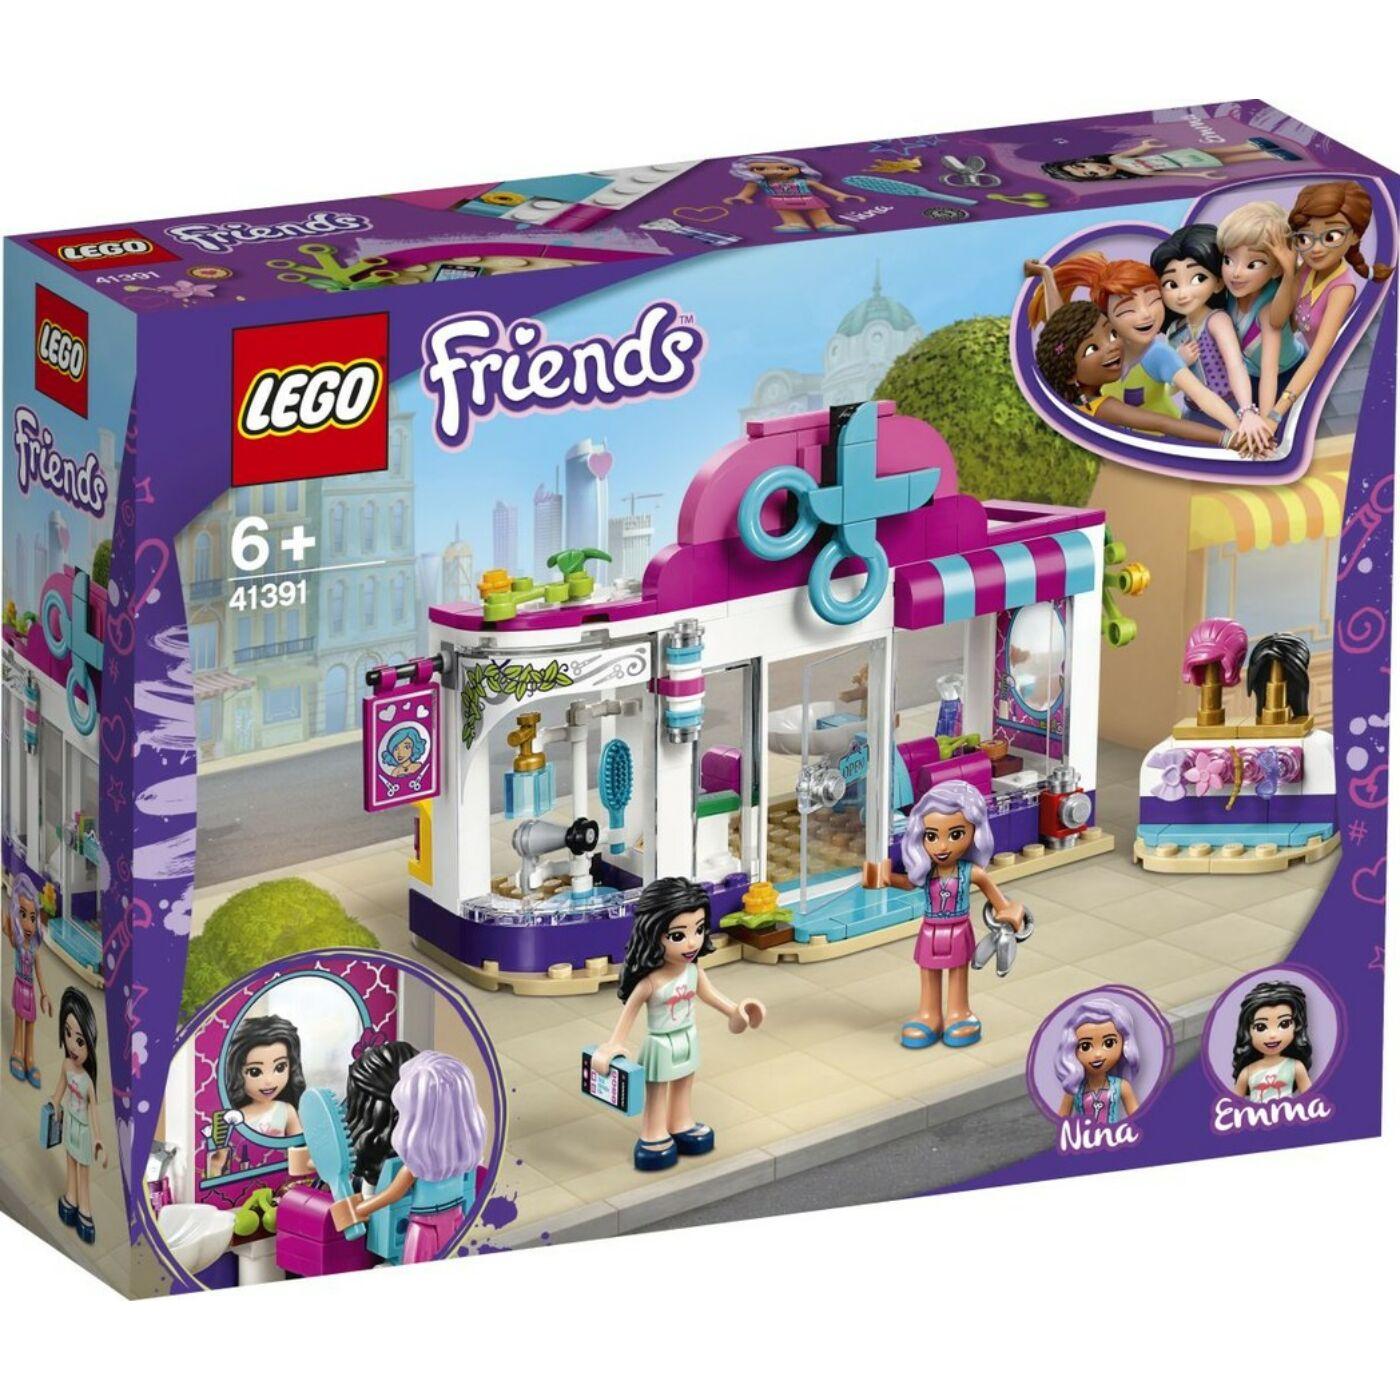 Lego Friends Heartlake City fodrászat